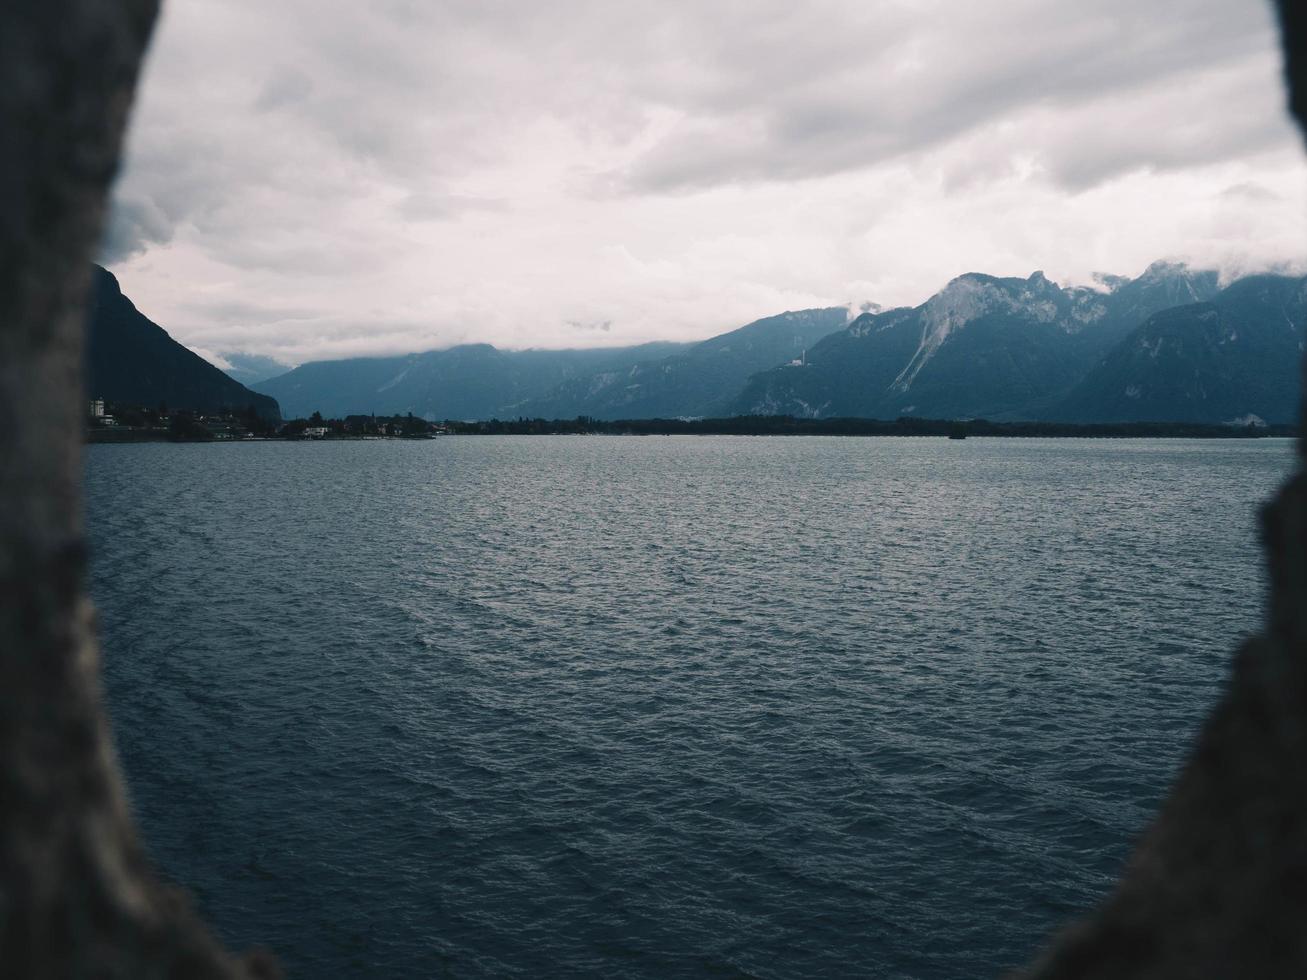 uitzicht op de oceaan in de buurt van bergen foto